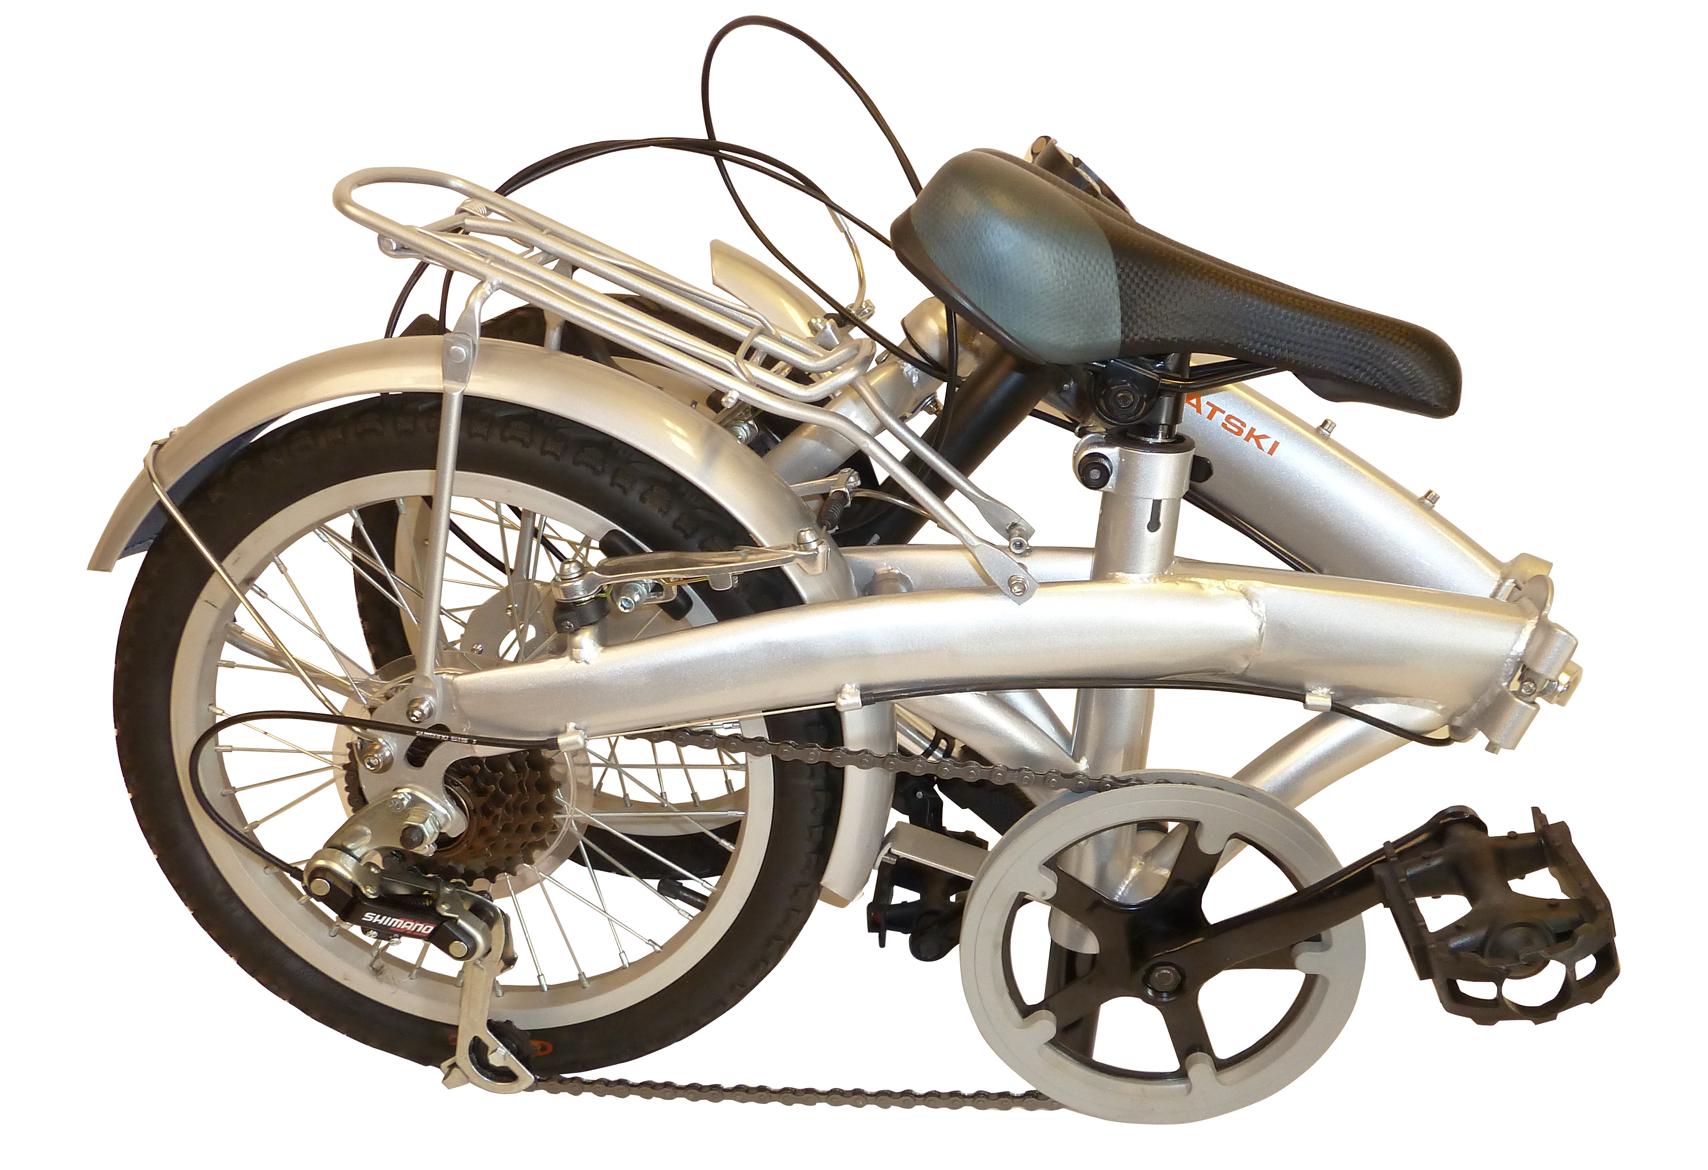 cykel 16 tommer thansen